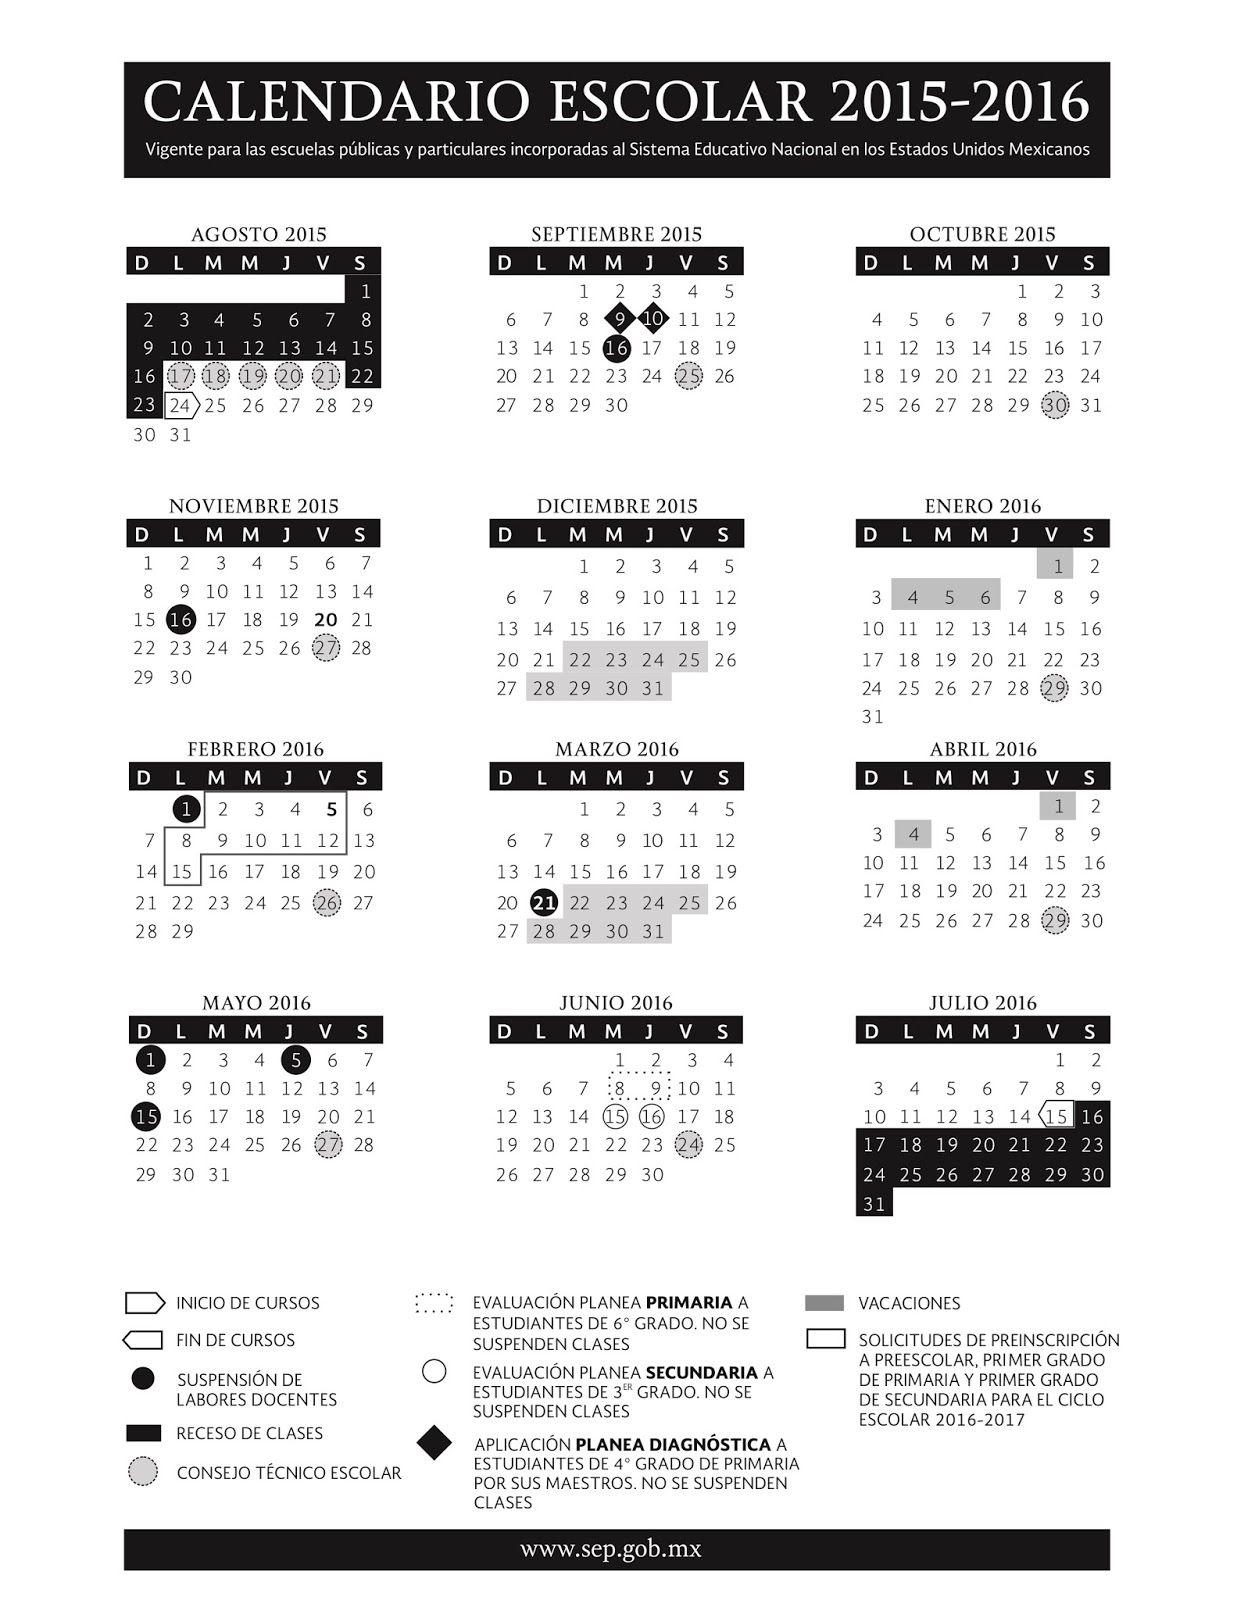 Calendario Escolar 2015 - 2016 | Apoyo Primaria